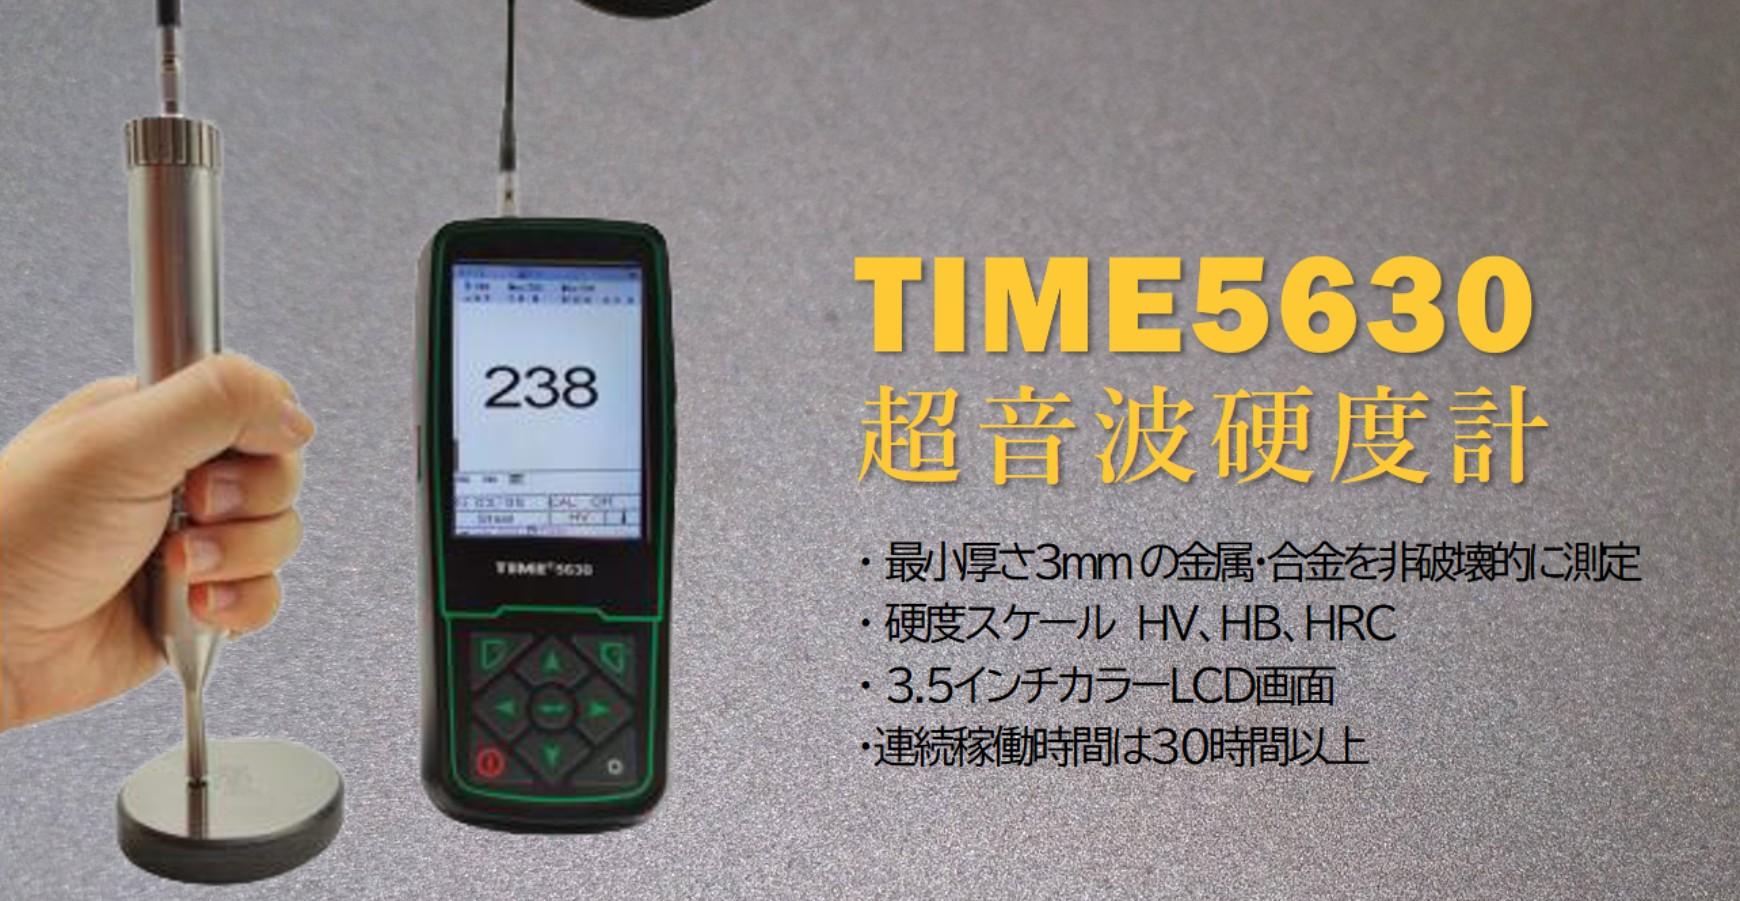 超音波硬度計TIME5630